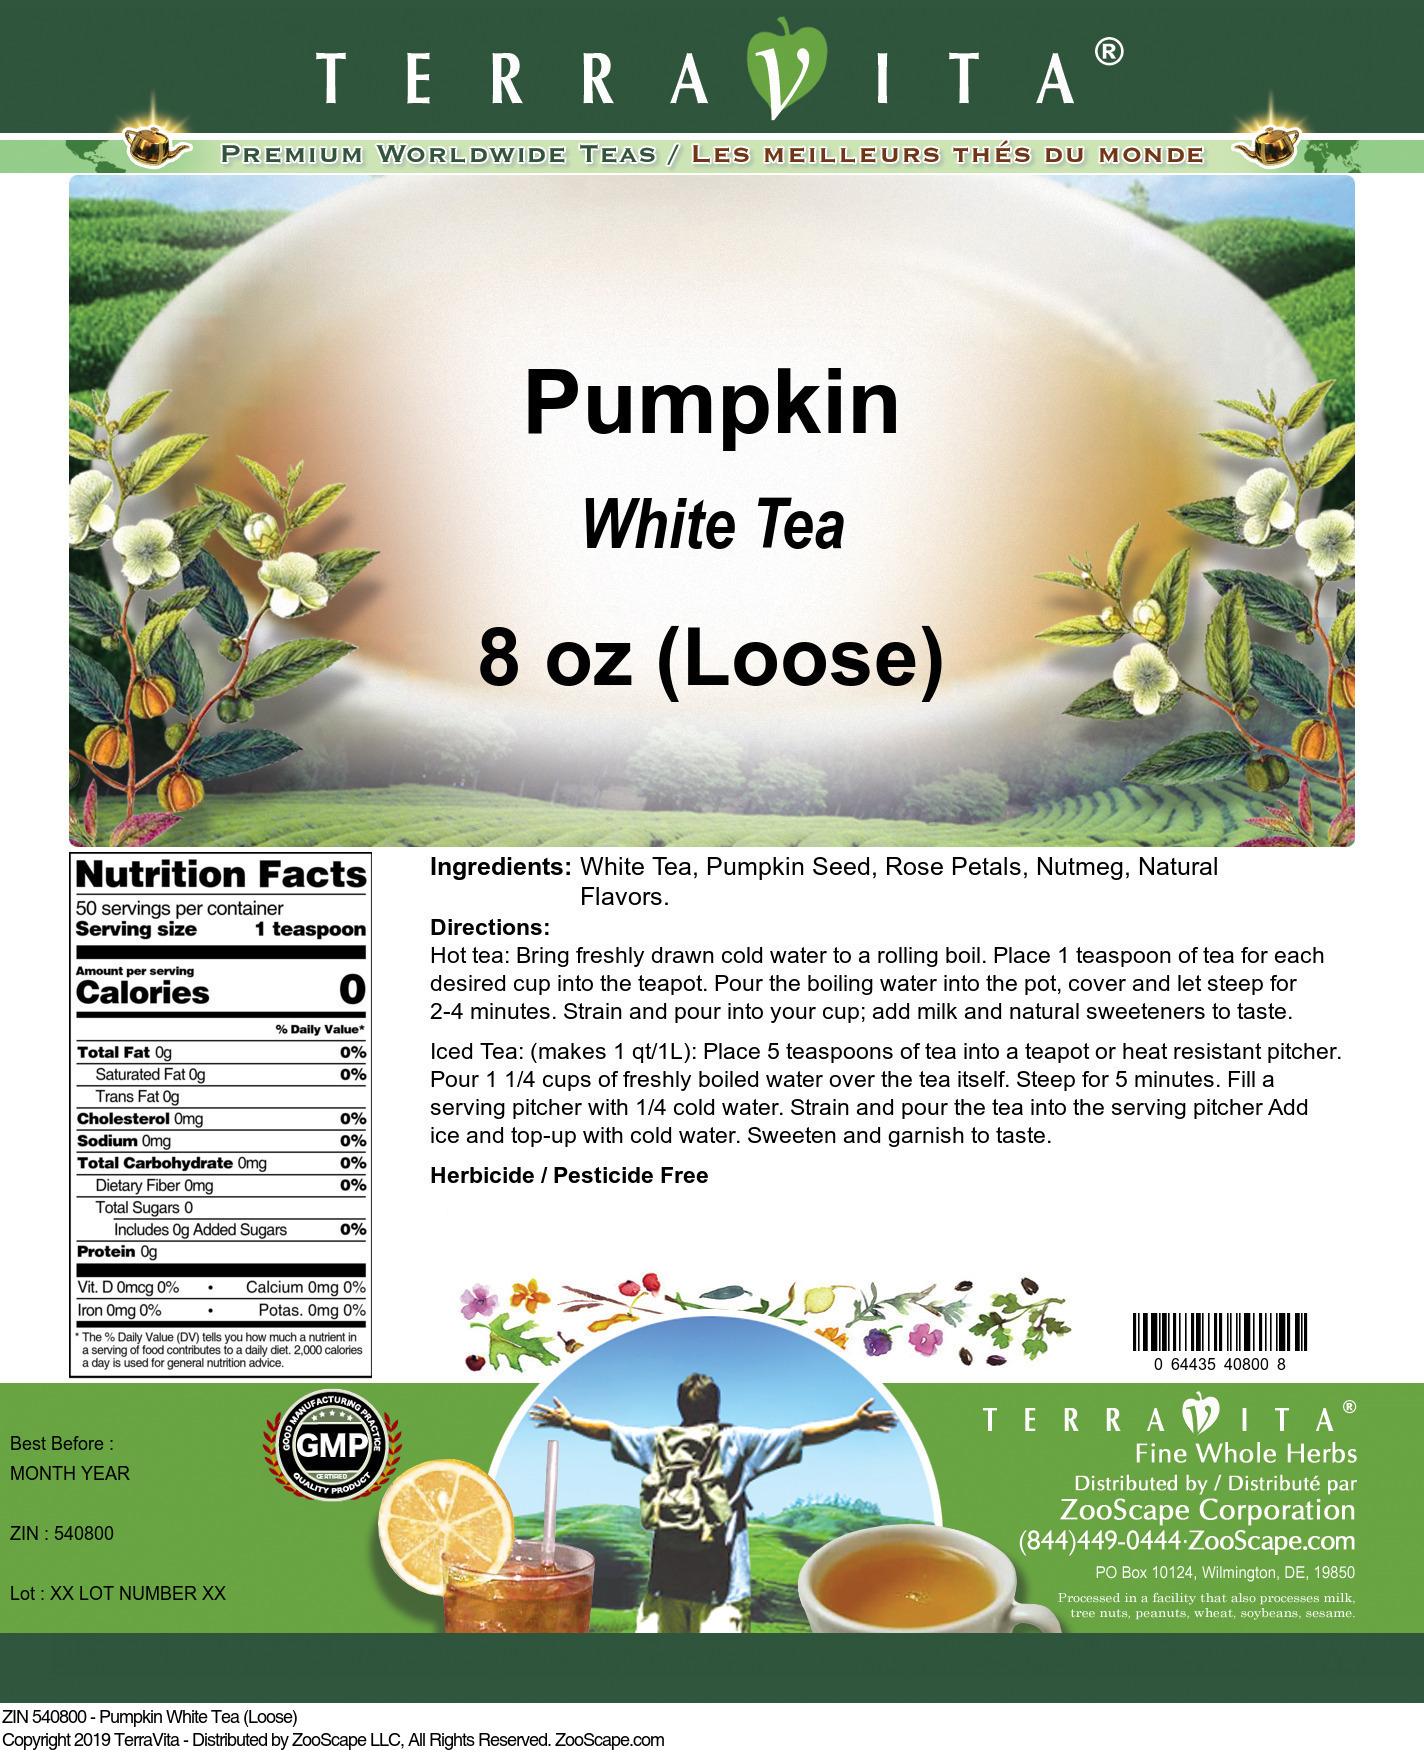 Pumpkin White Tea